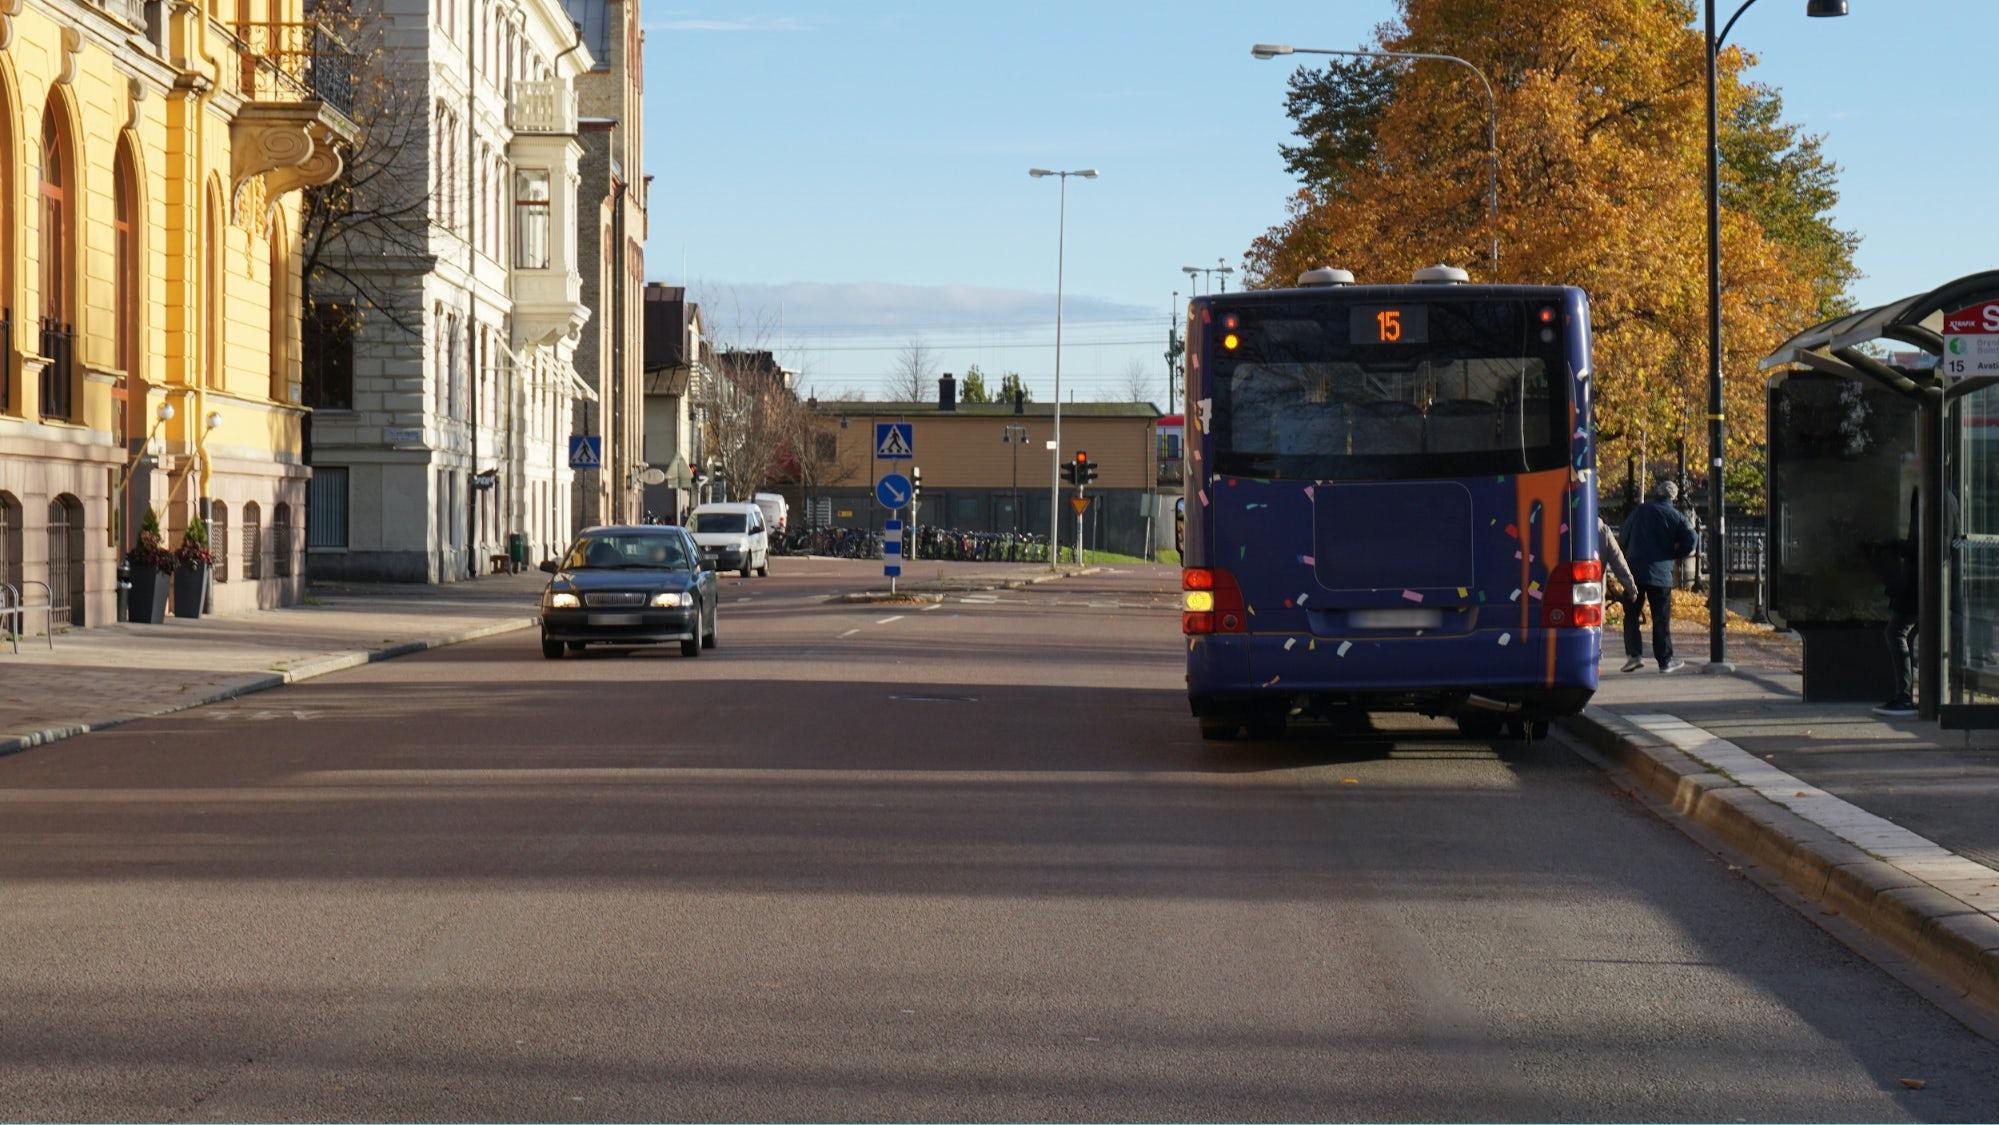 Buss som blinkar att den vill köra ut på vägen igen.